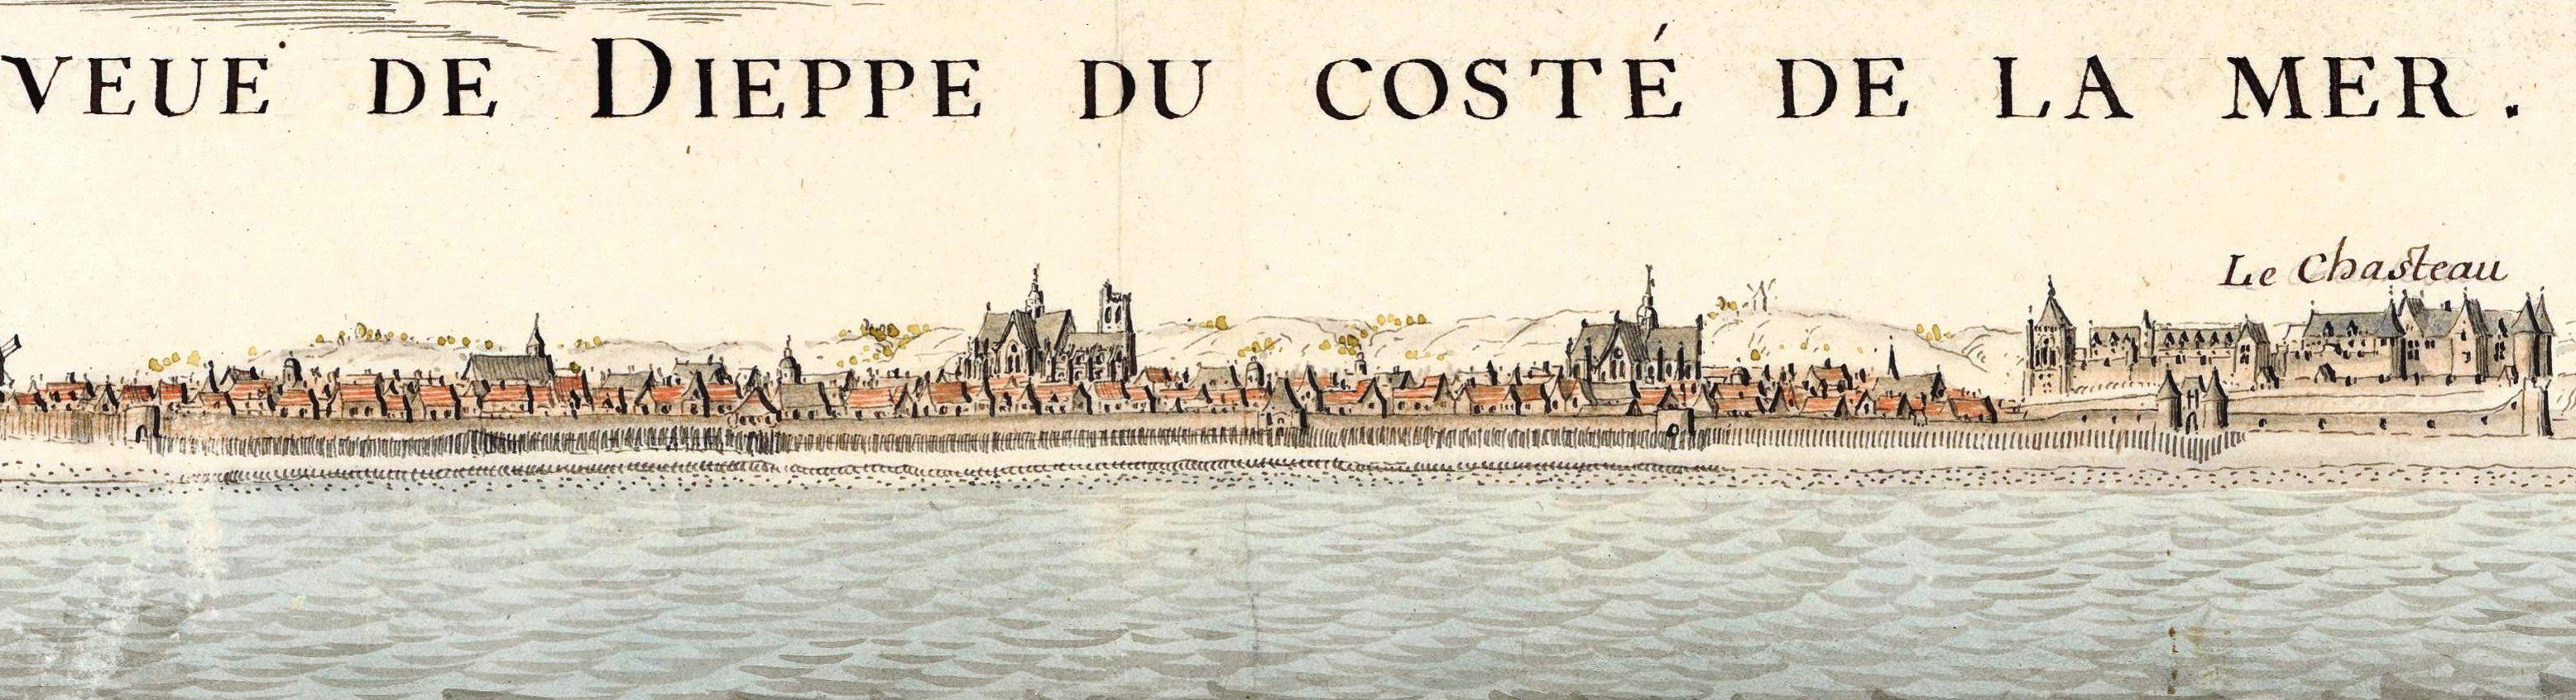 Vintage sketch of Dieppe